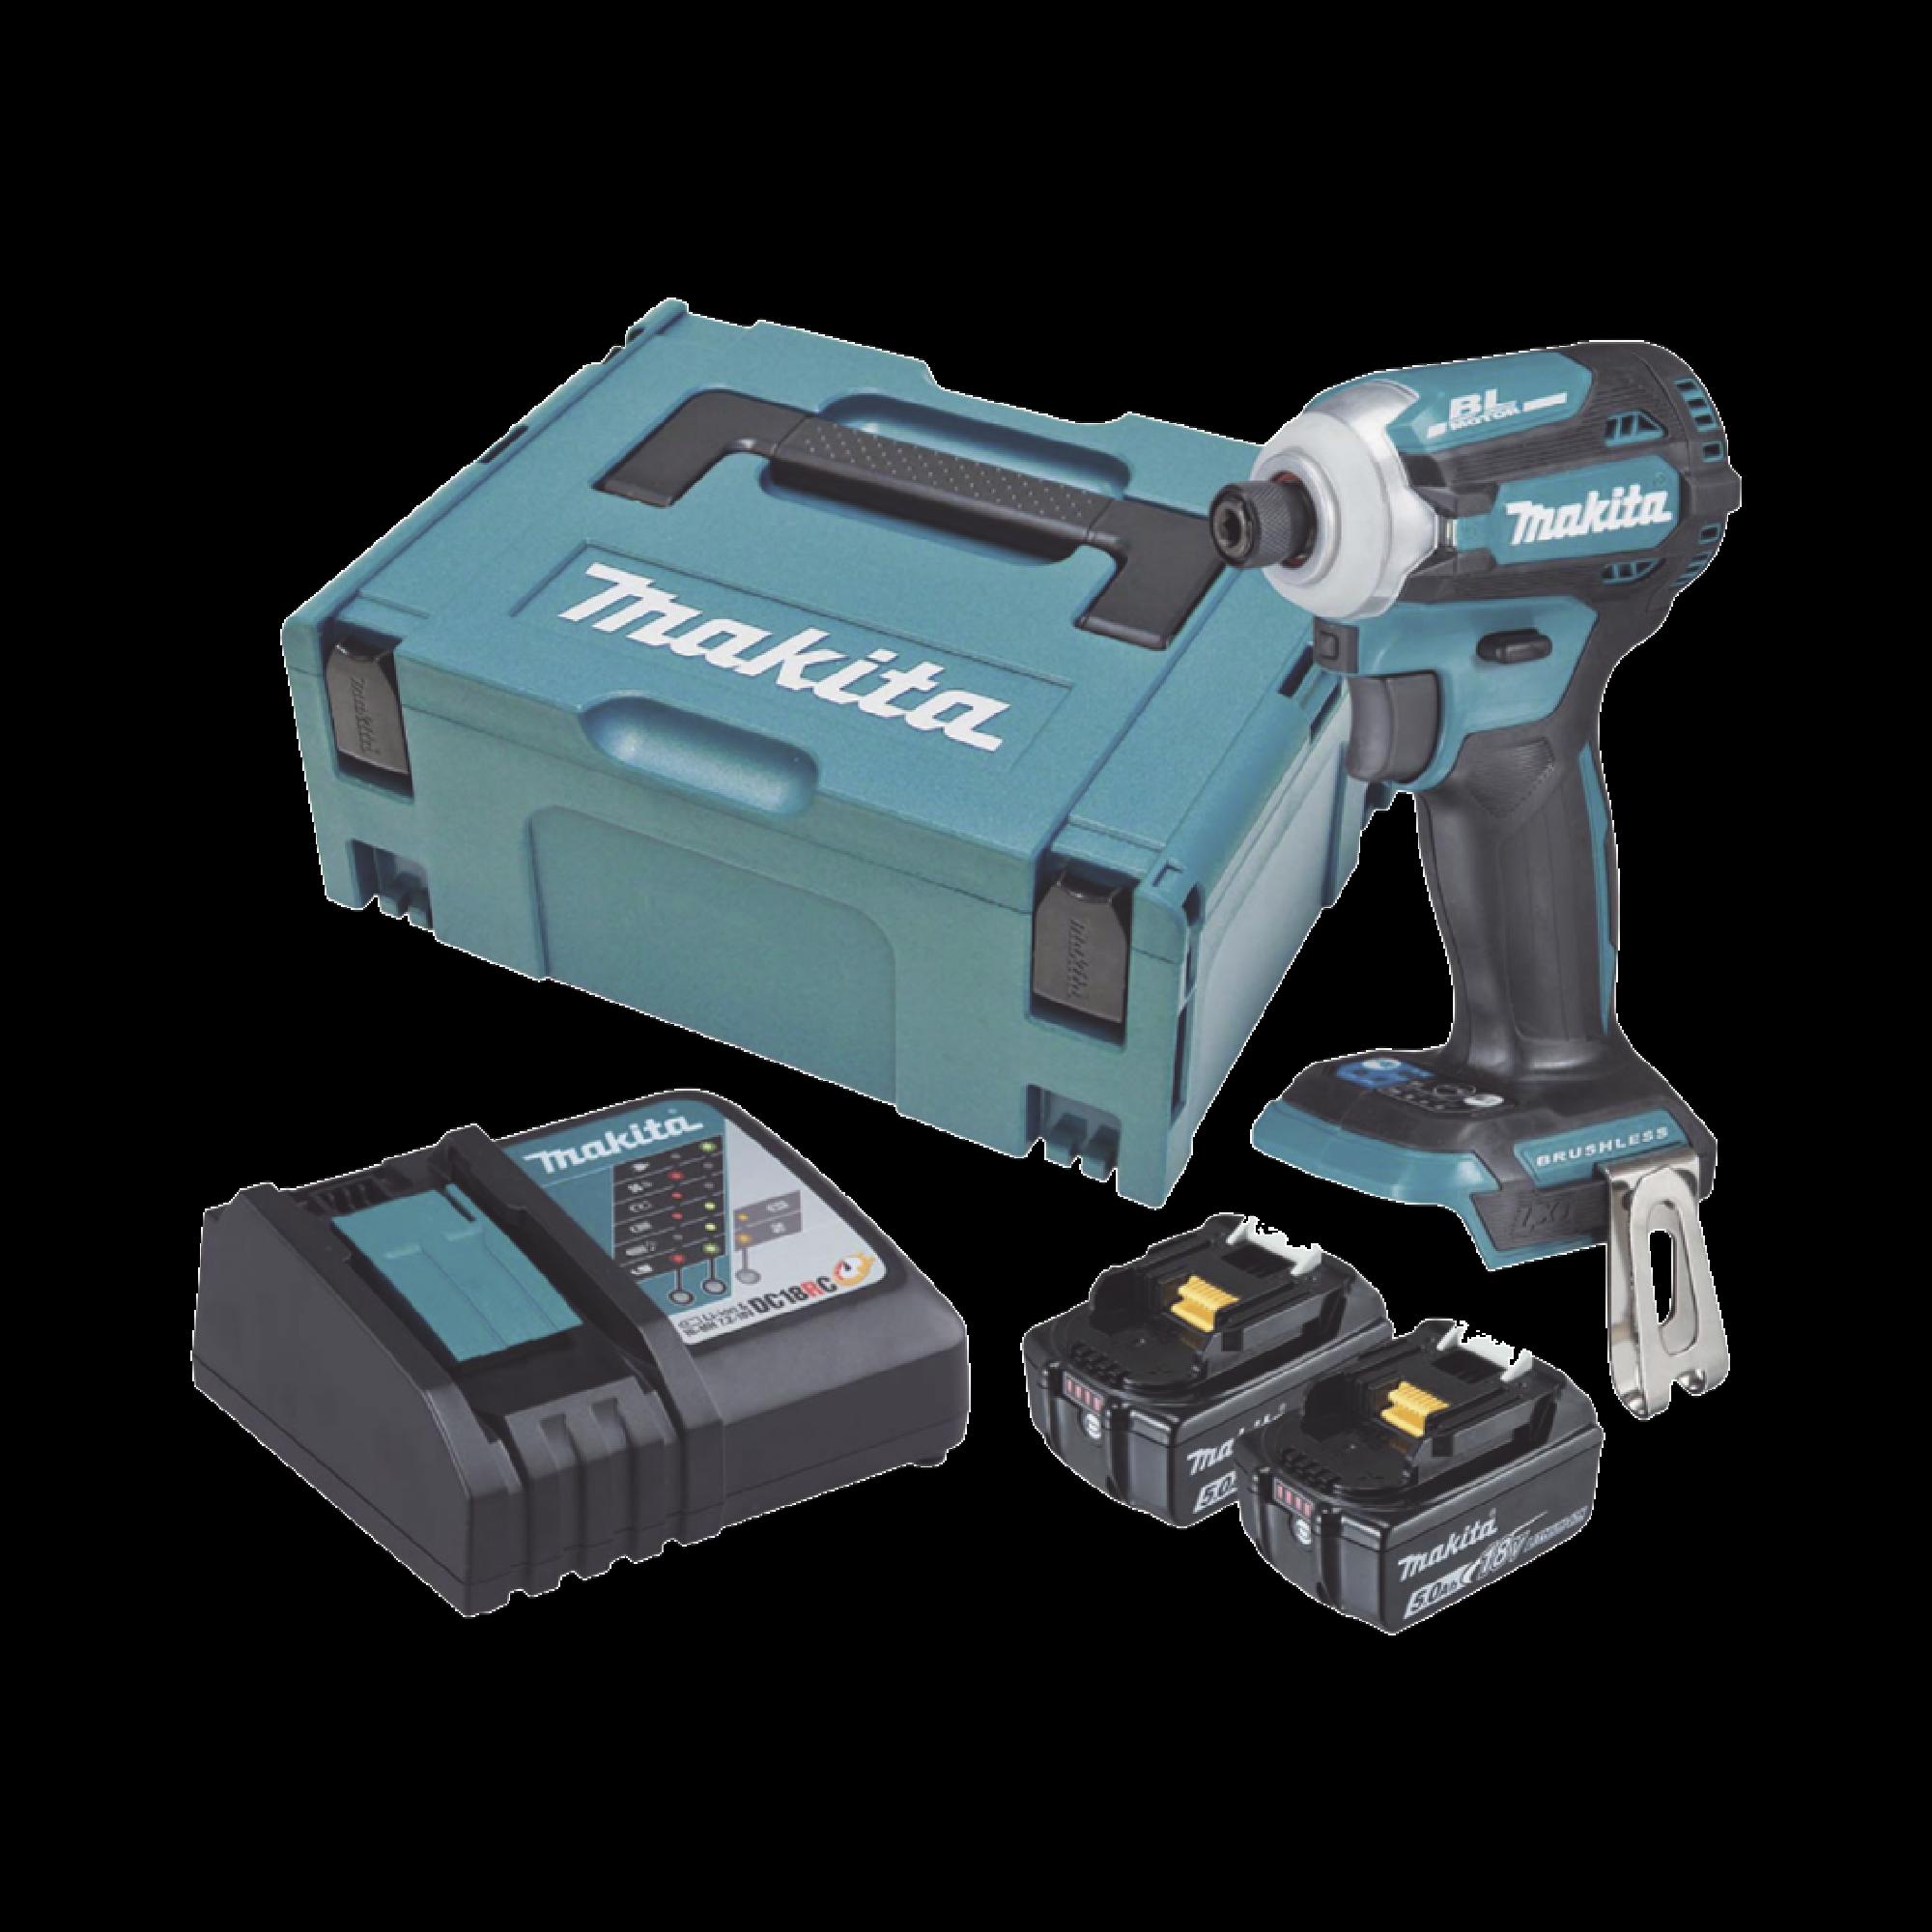 Atornillador de Impacto 18 Vcd, 3,800 RPM, 180N.m. Incluye: estuche MAKPAC, Cargador y 2 Bat. 5Ah